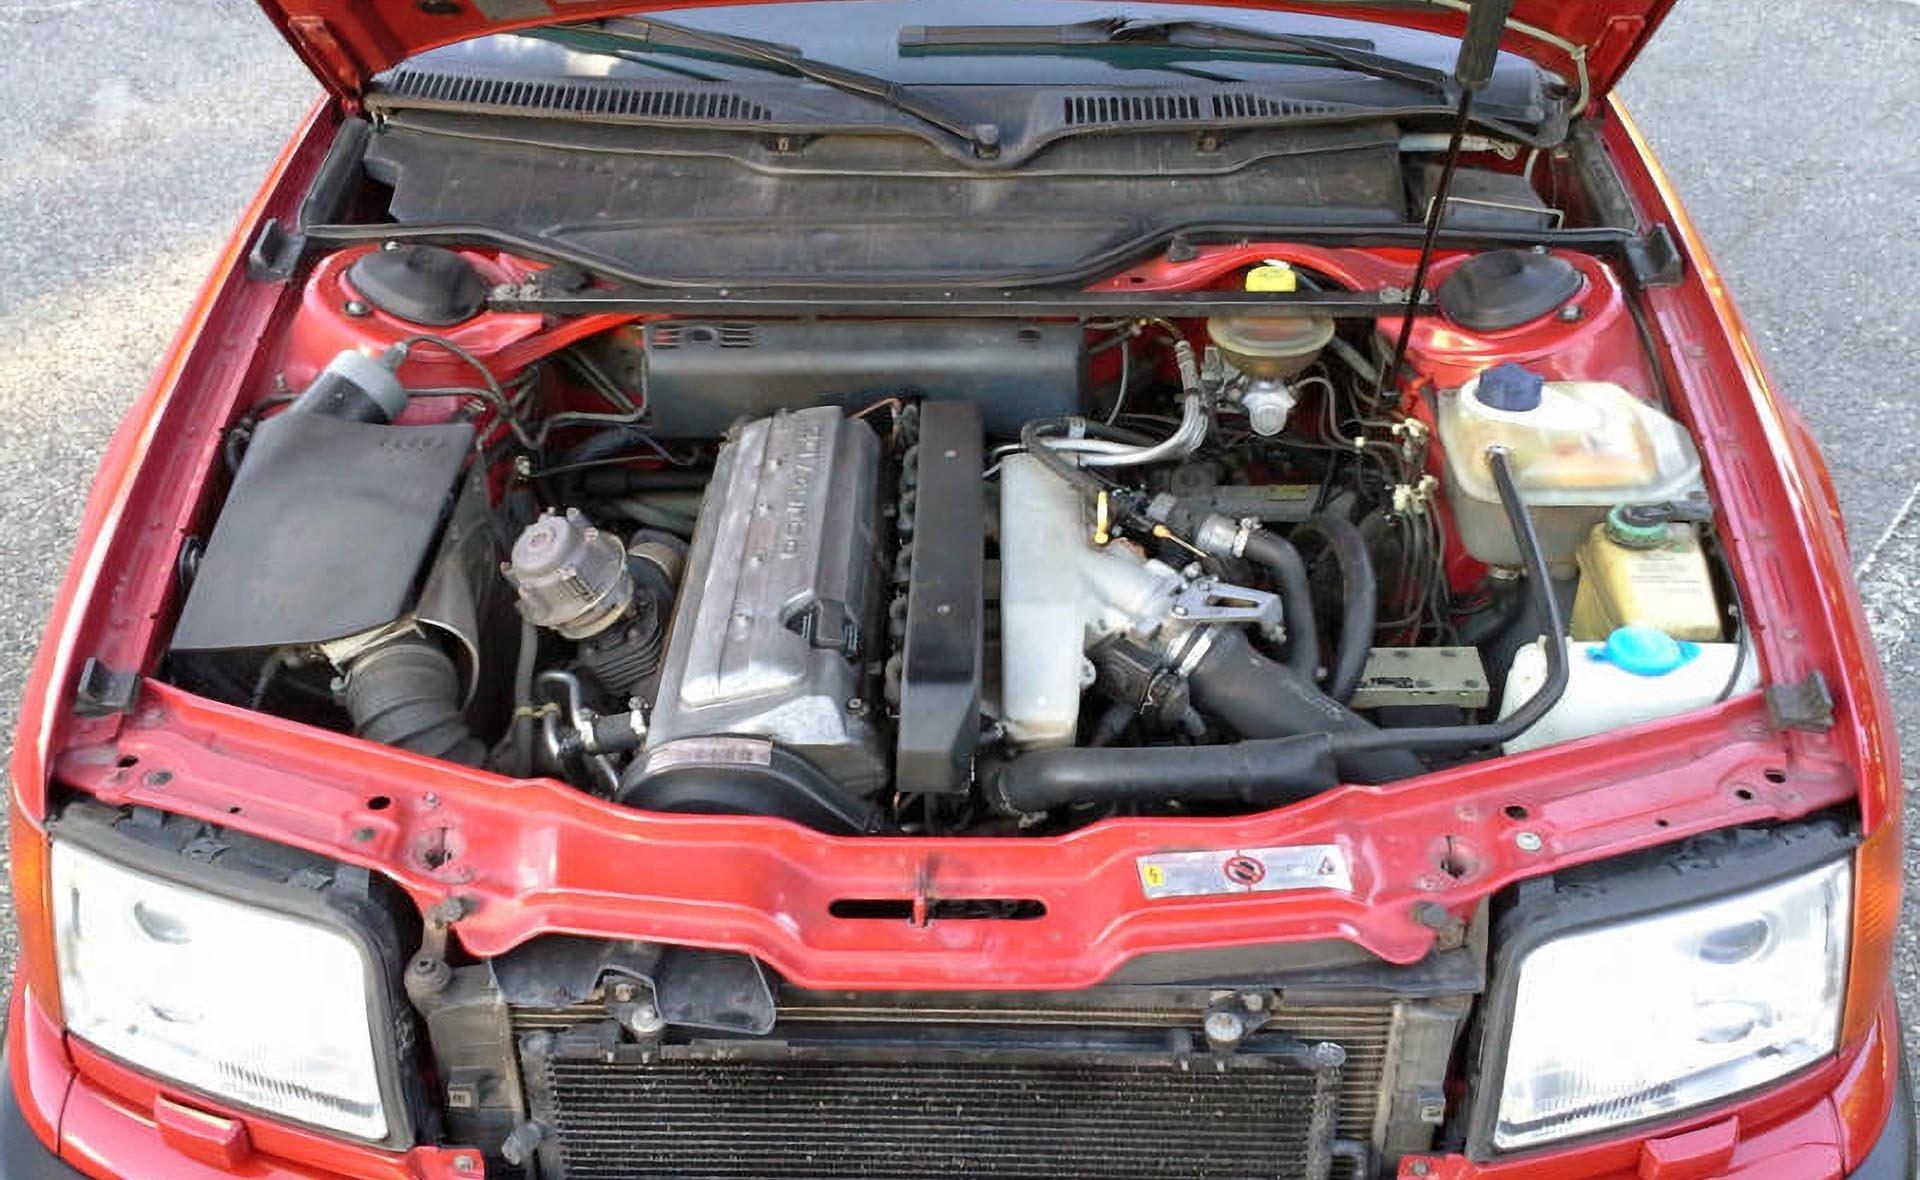 09_Audi C4 S6 2.2 turbo Quattro AAN engine